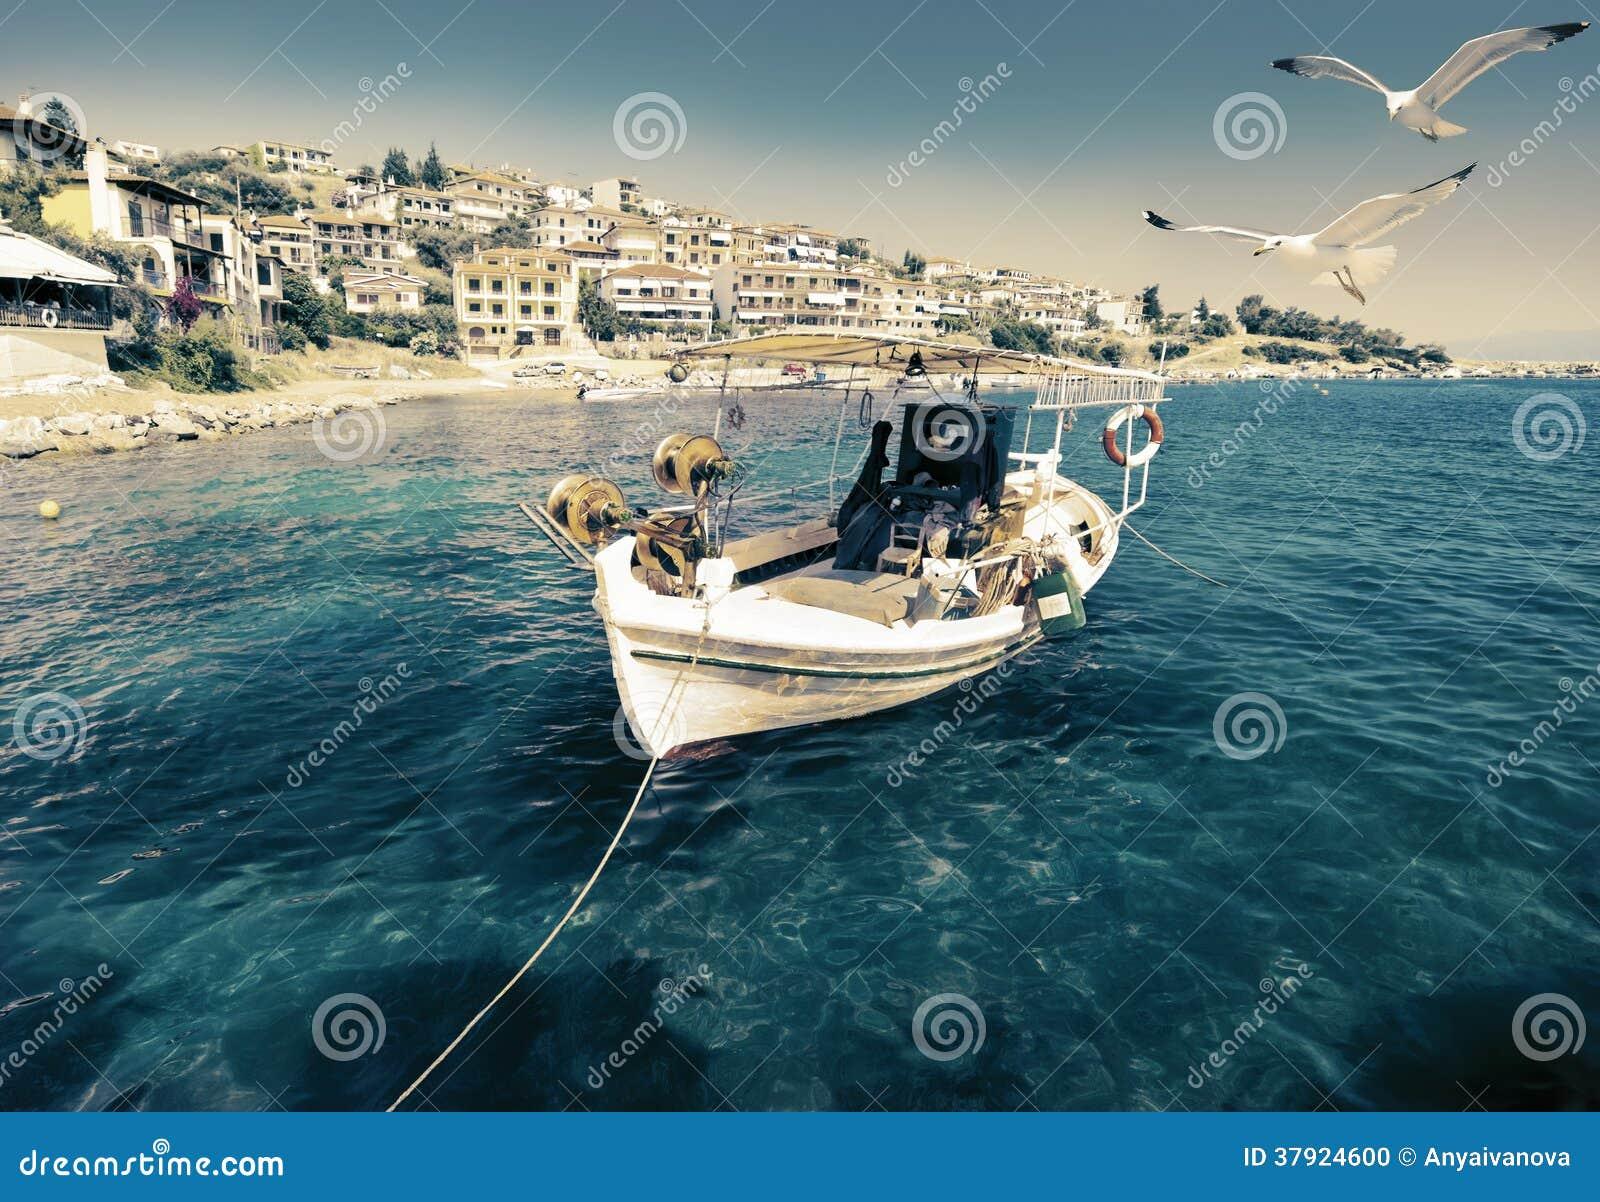 Есть ли море в салониках